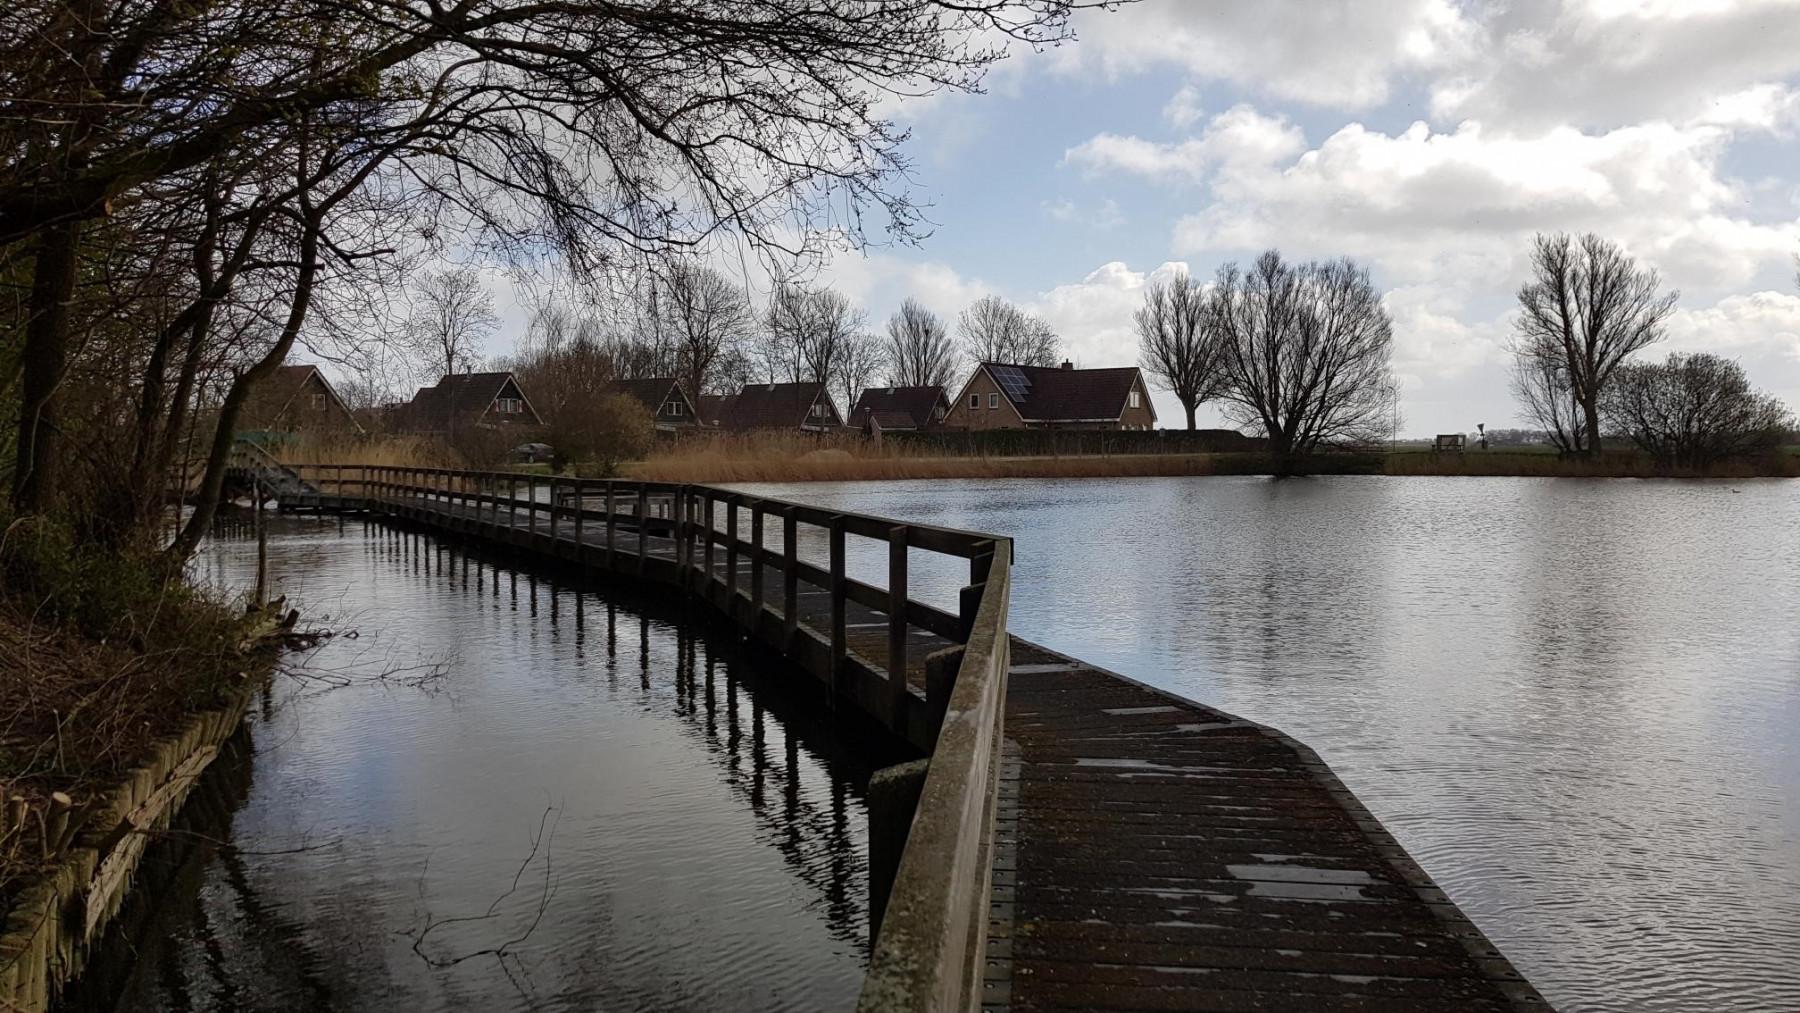 Einer der beiden Seen vor dem Park mit einer Holzbrücke